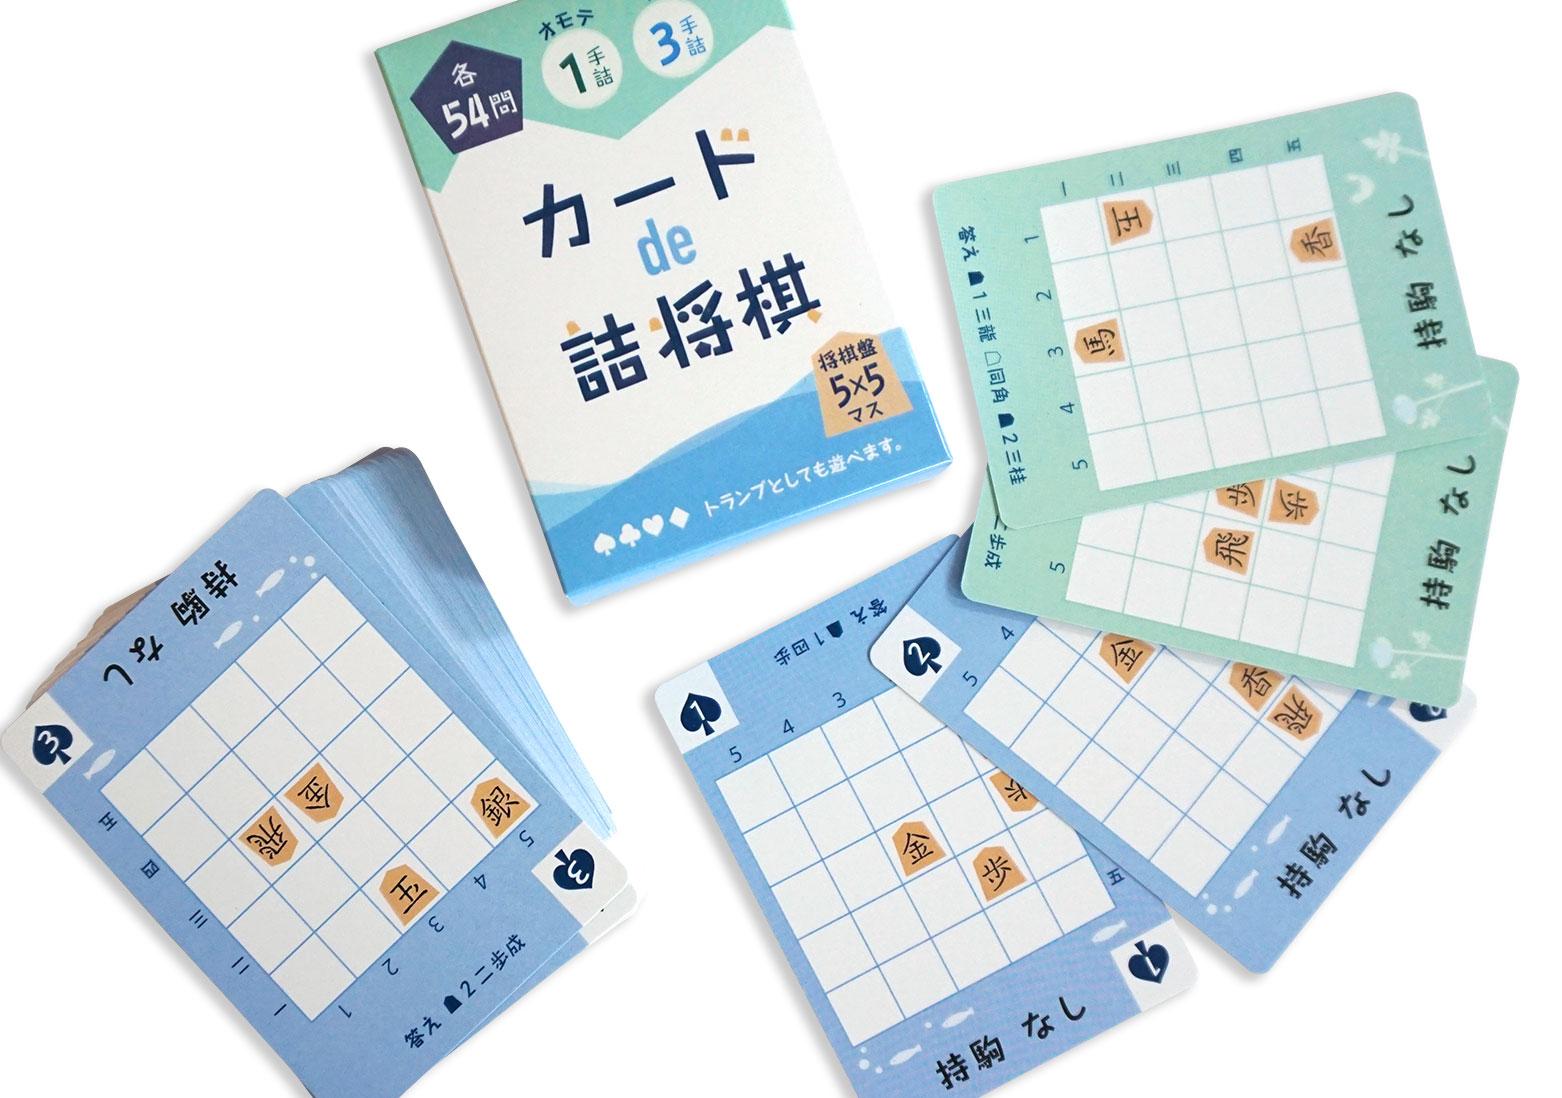 カードde詰将棋<br>(読み札)